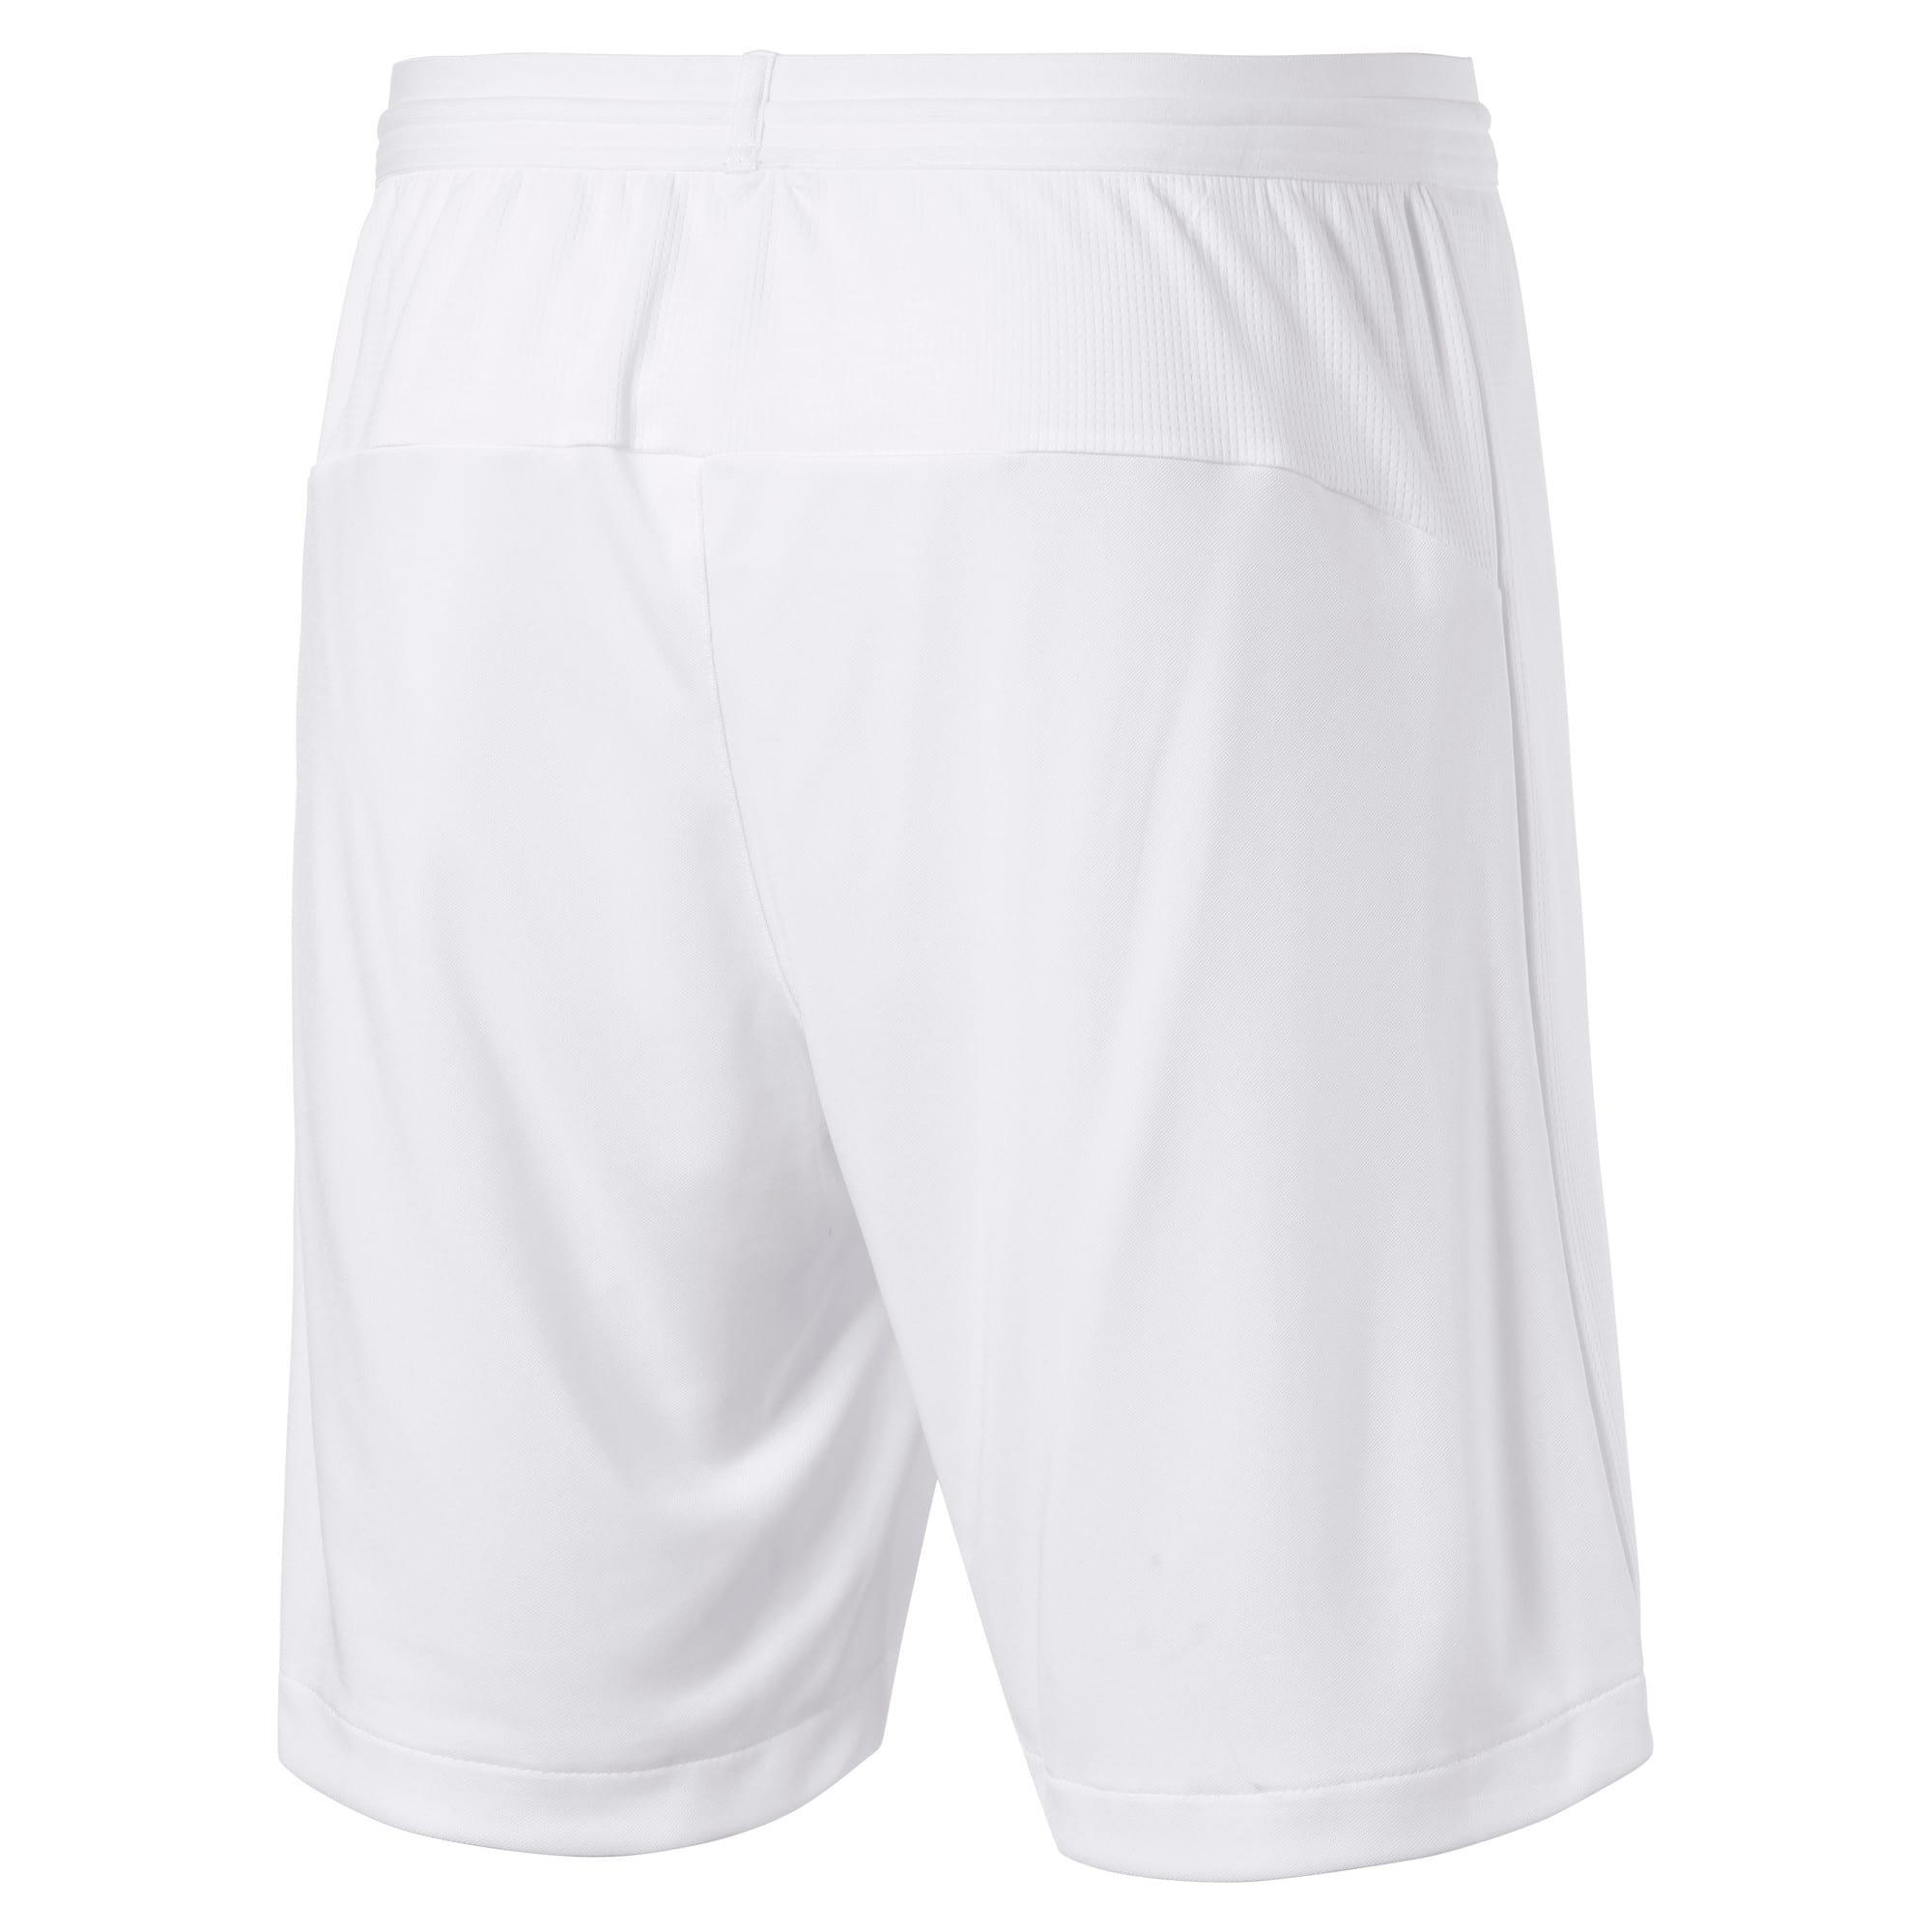 Thumbnail 3 of Switzerland Replica Shorts, Puma White, medium